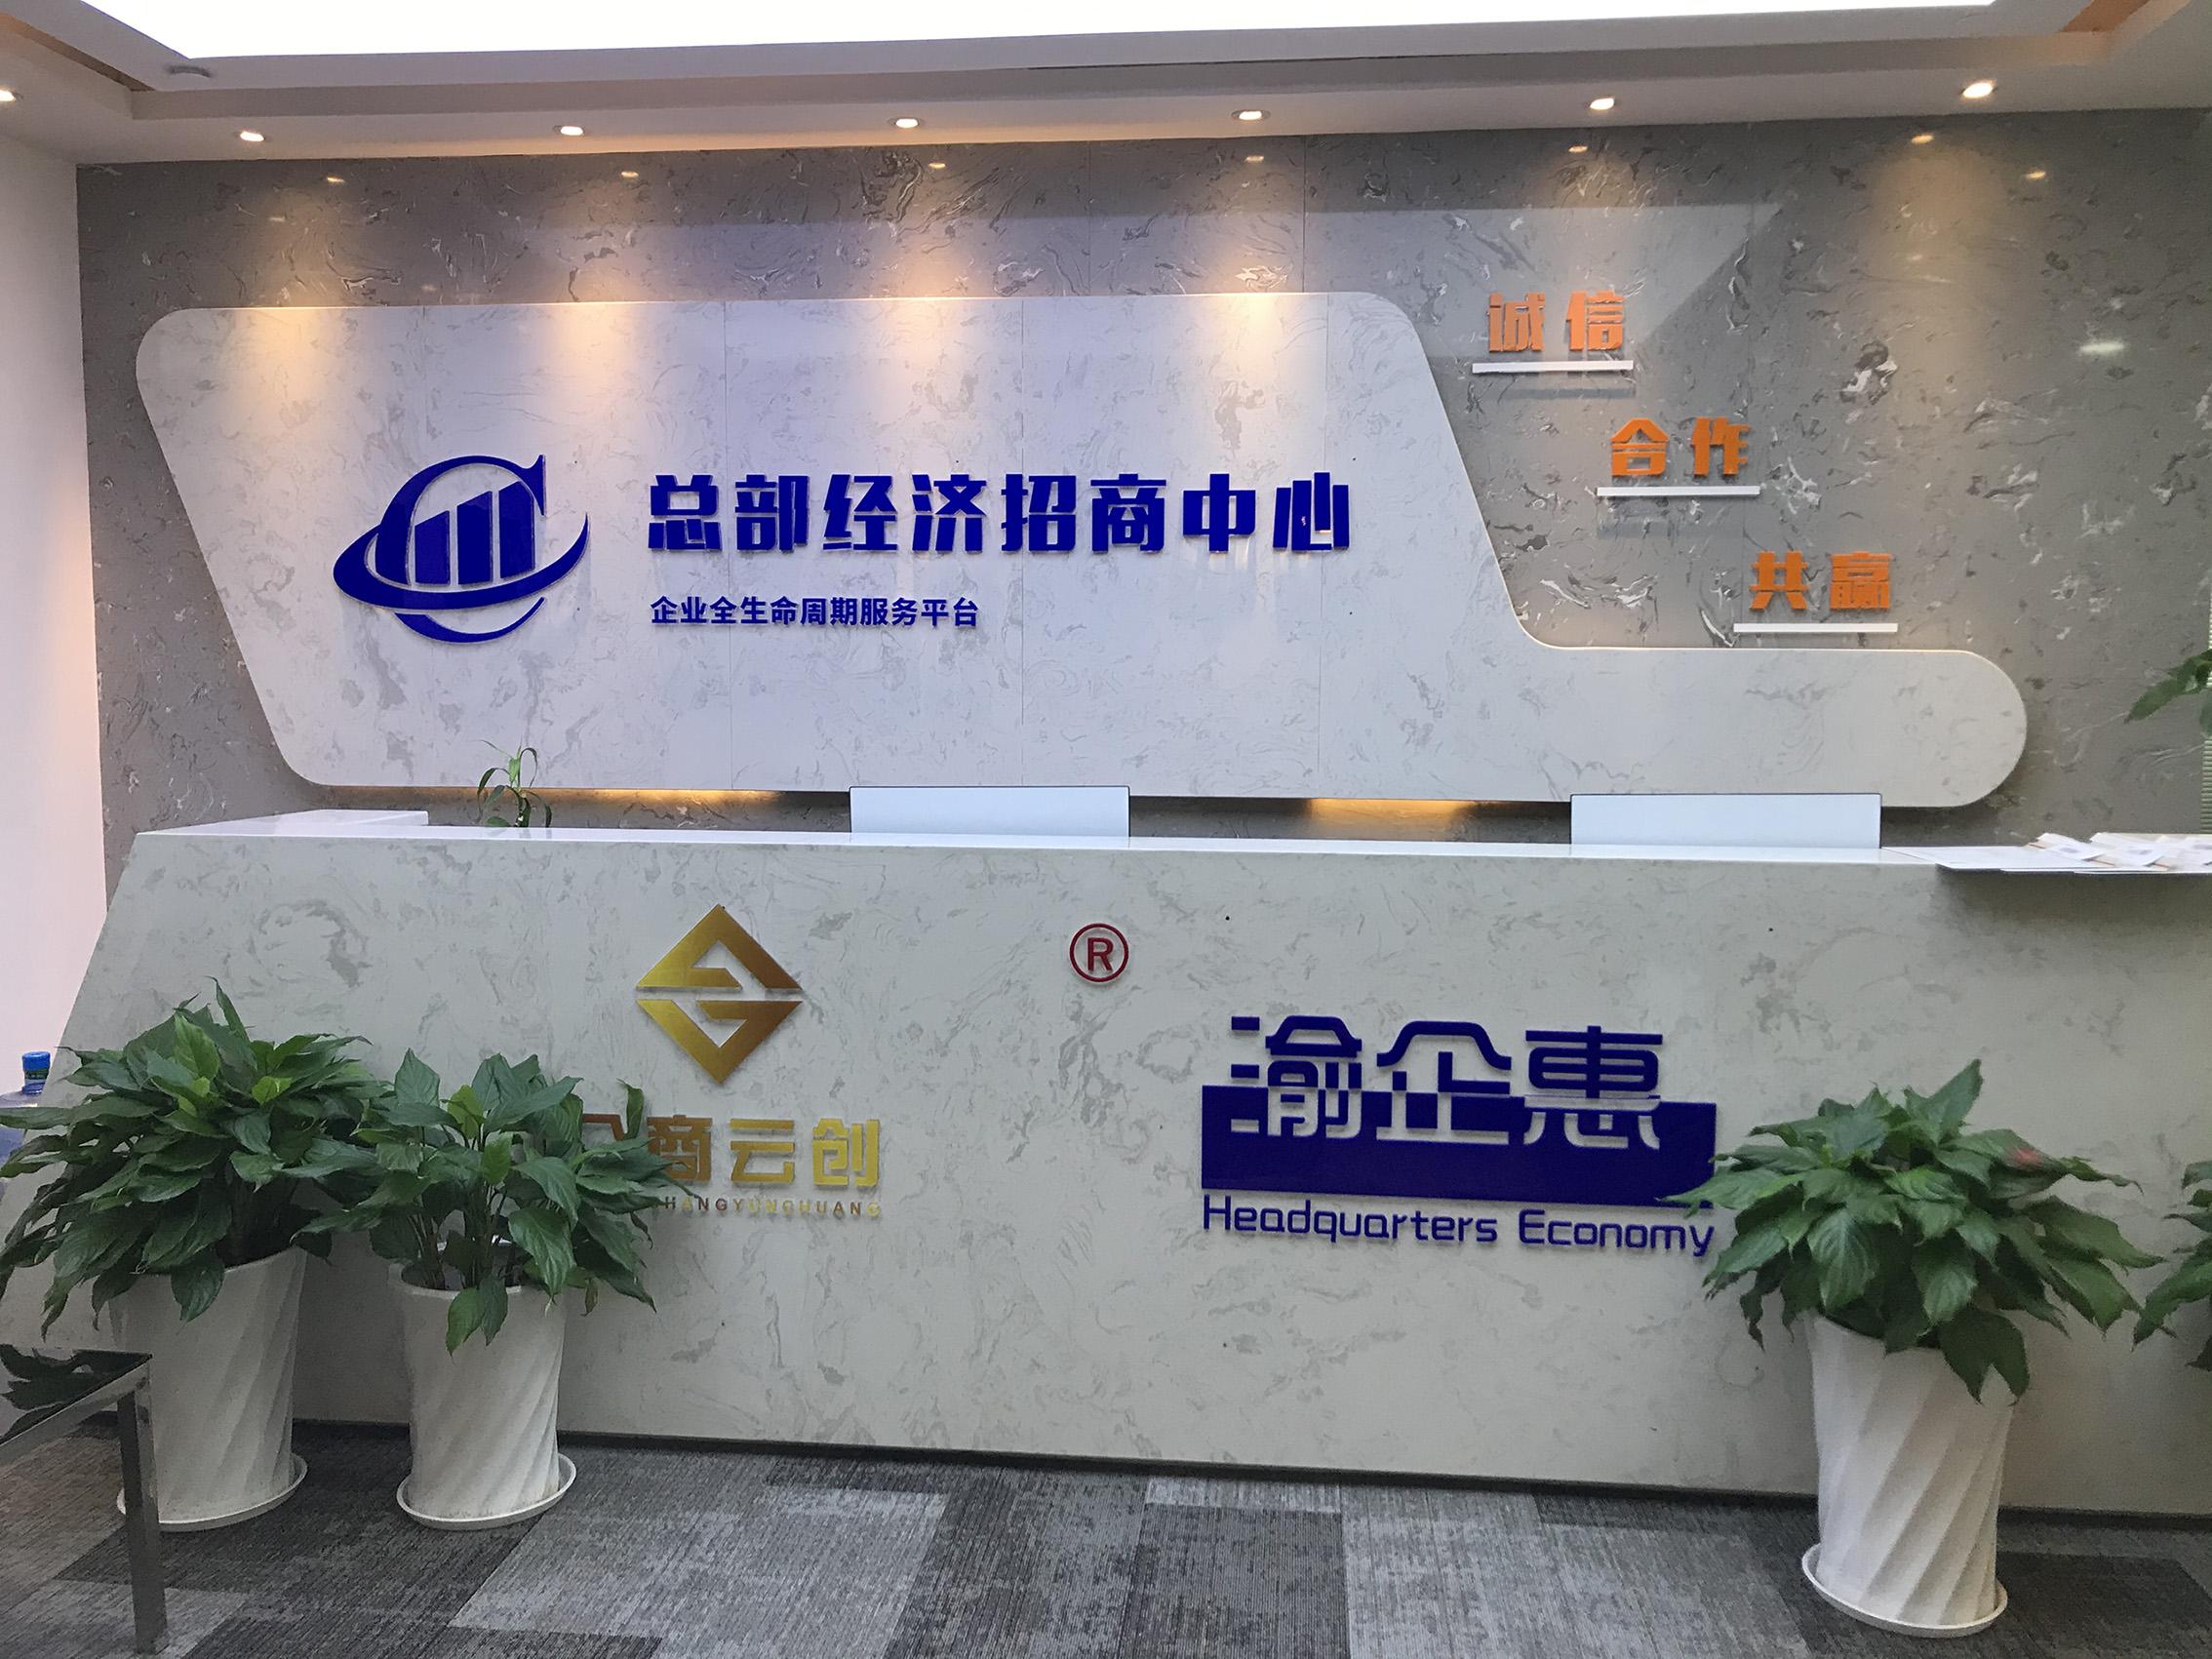 渝企惠旗下税计划品牌